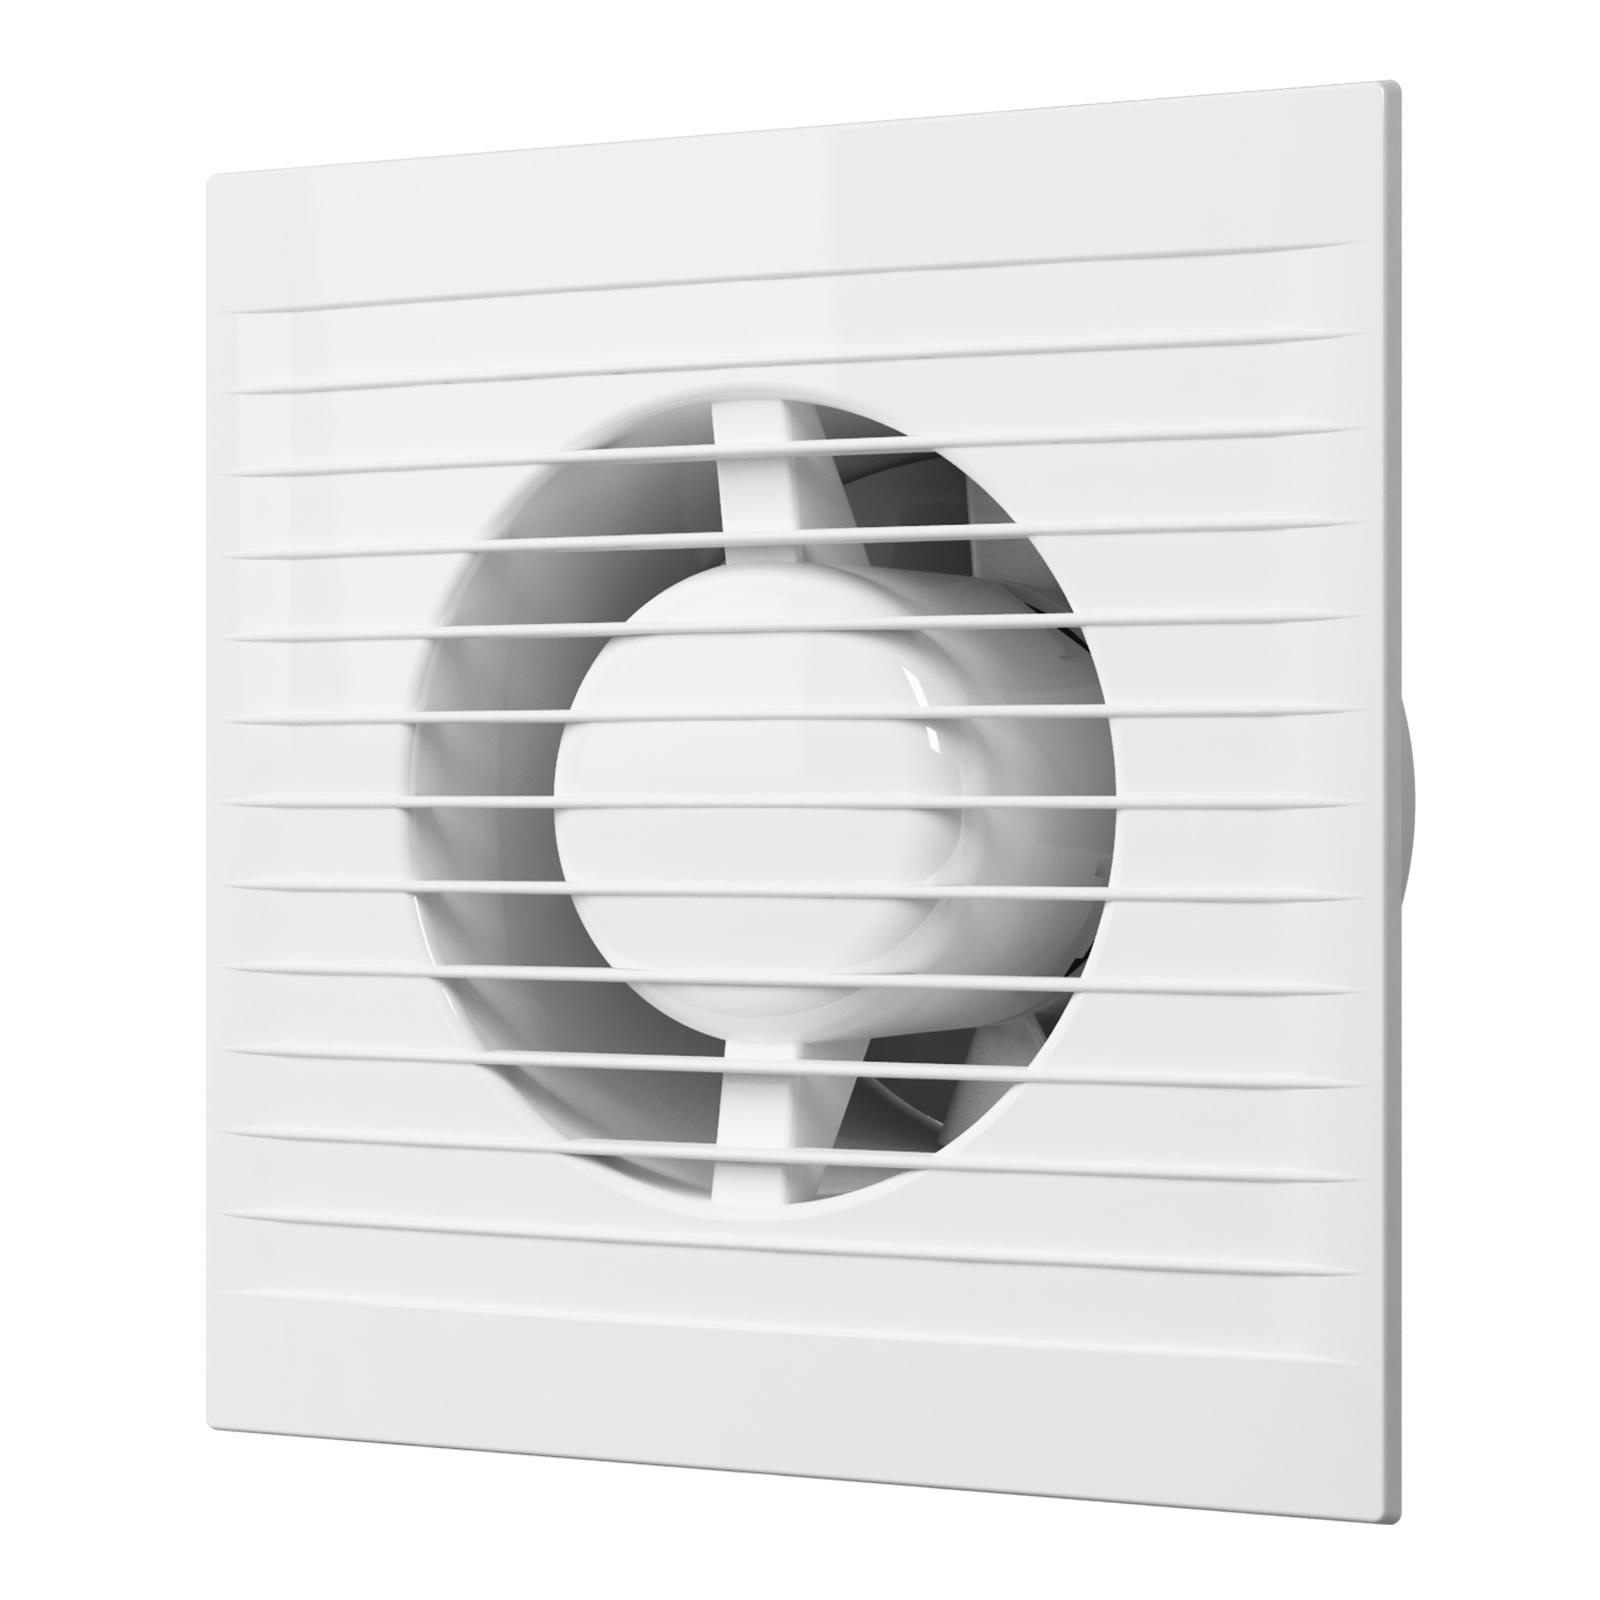 Вентилятор Era E 150 s mre